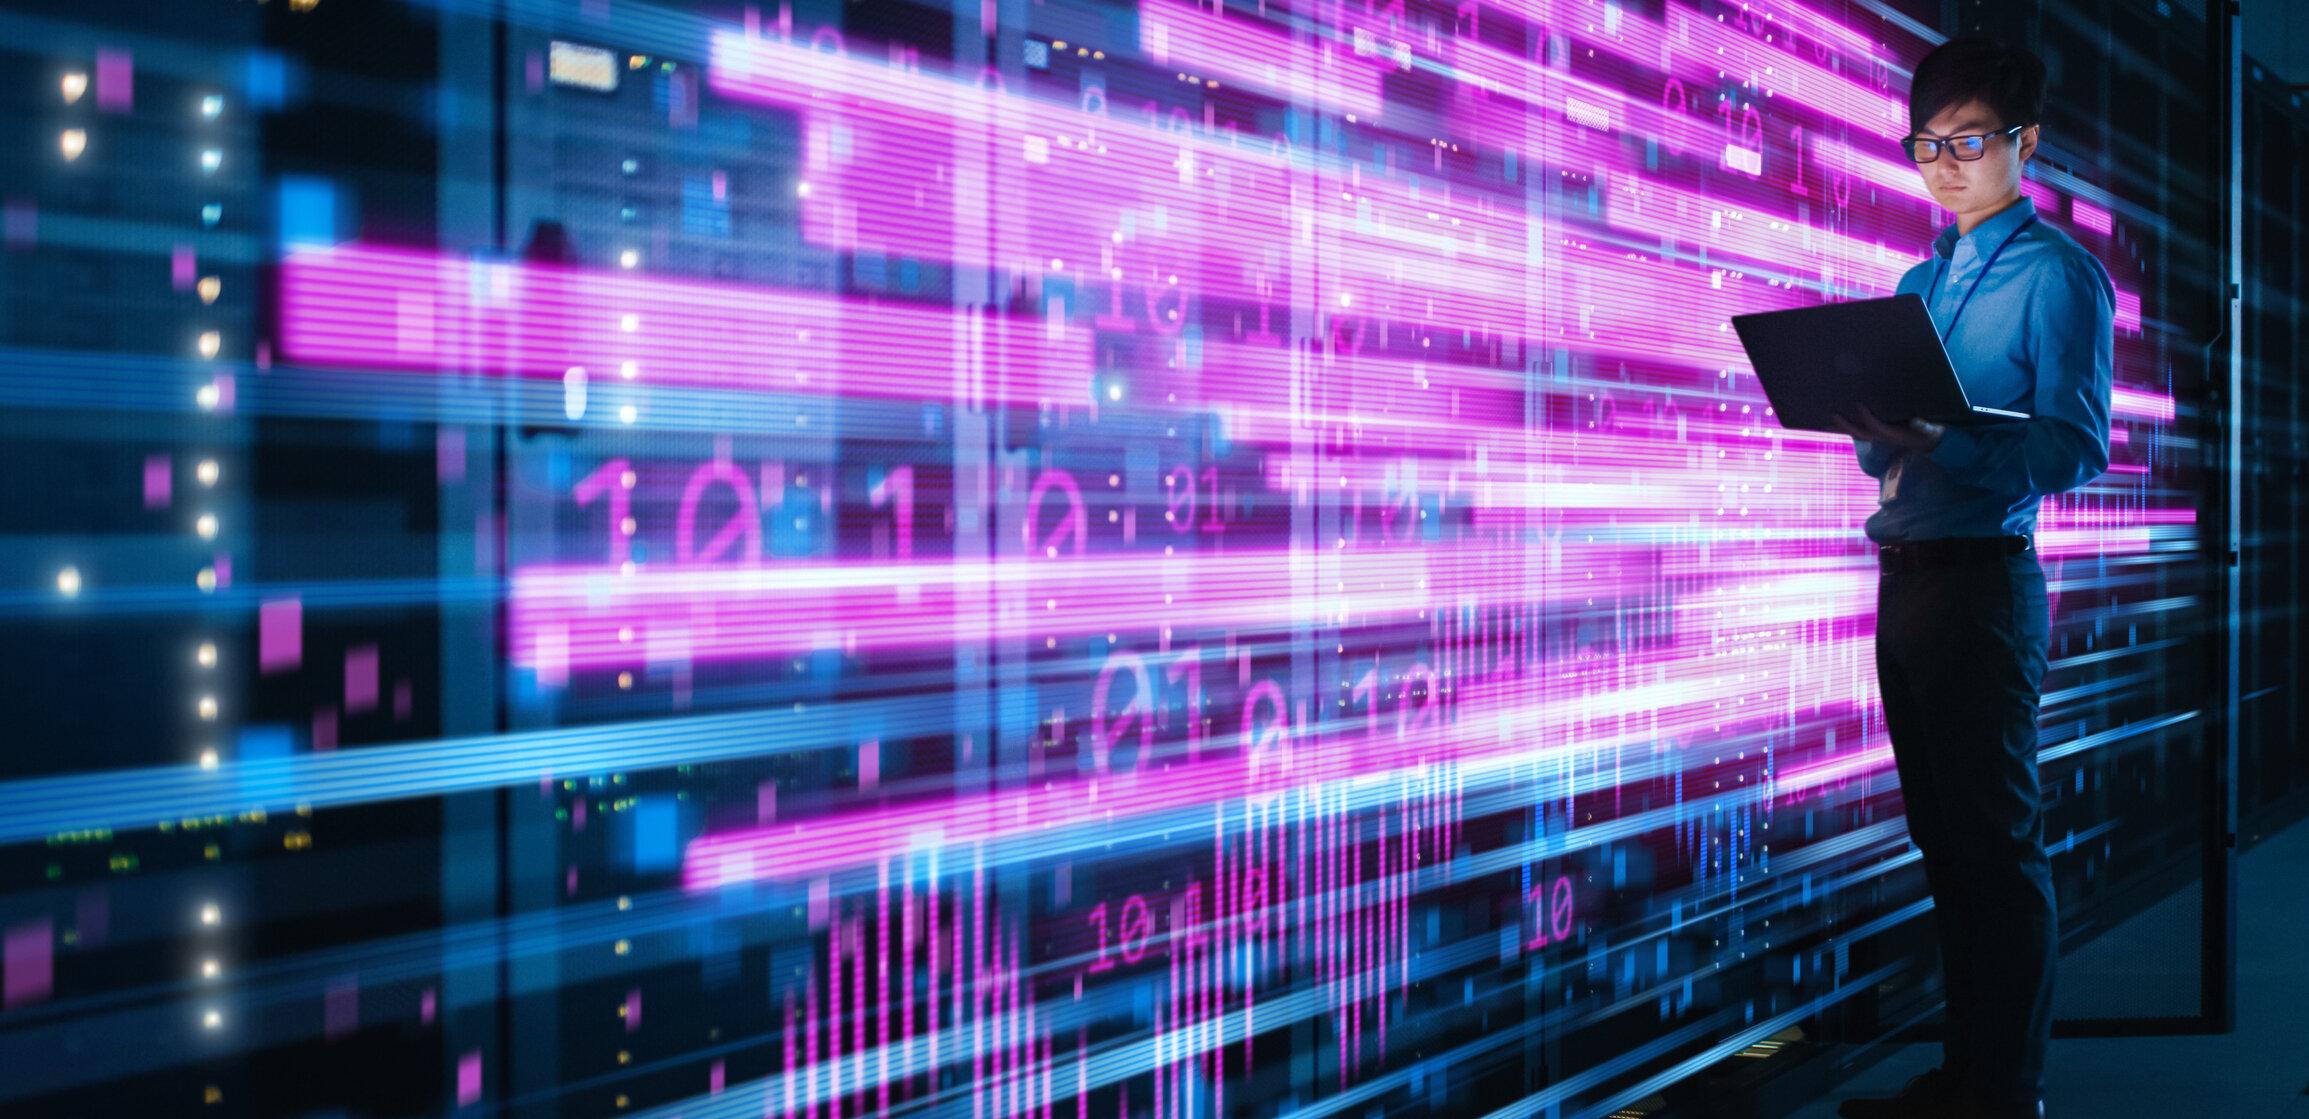 Neoverse N2/V1, 5 nm, DDR5/PCIe 5.0, CXL : ARM à fond sur le datacenter pour 2021/2022